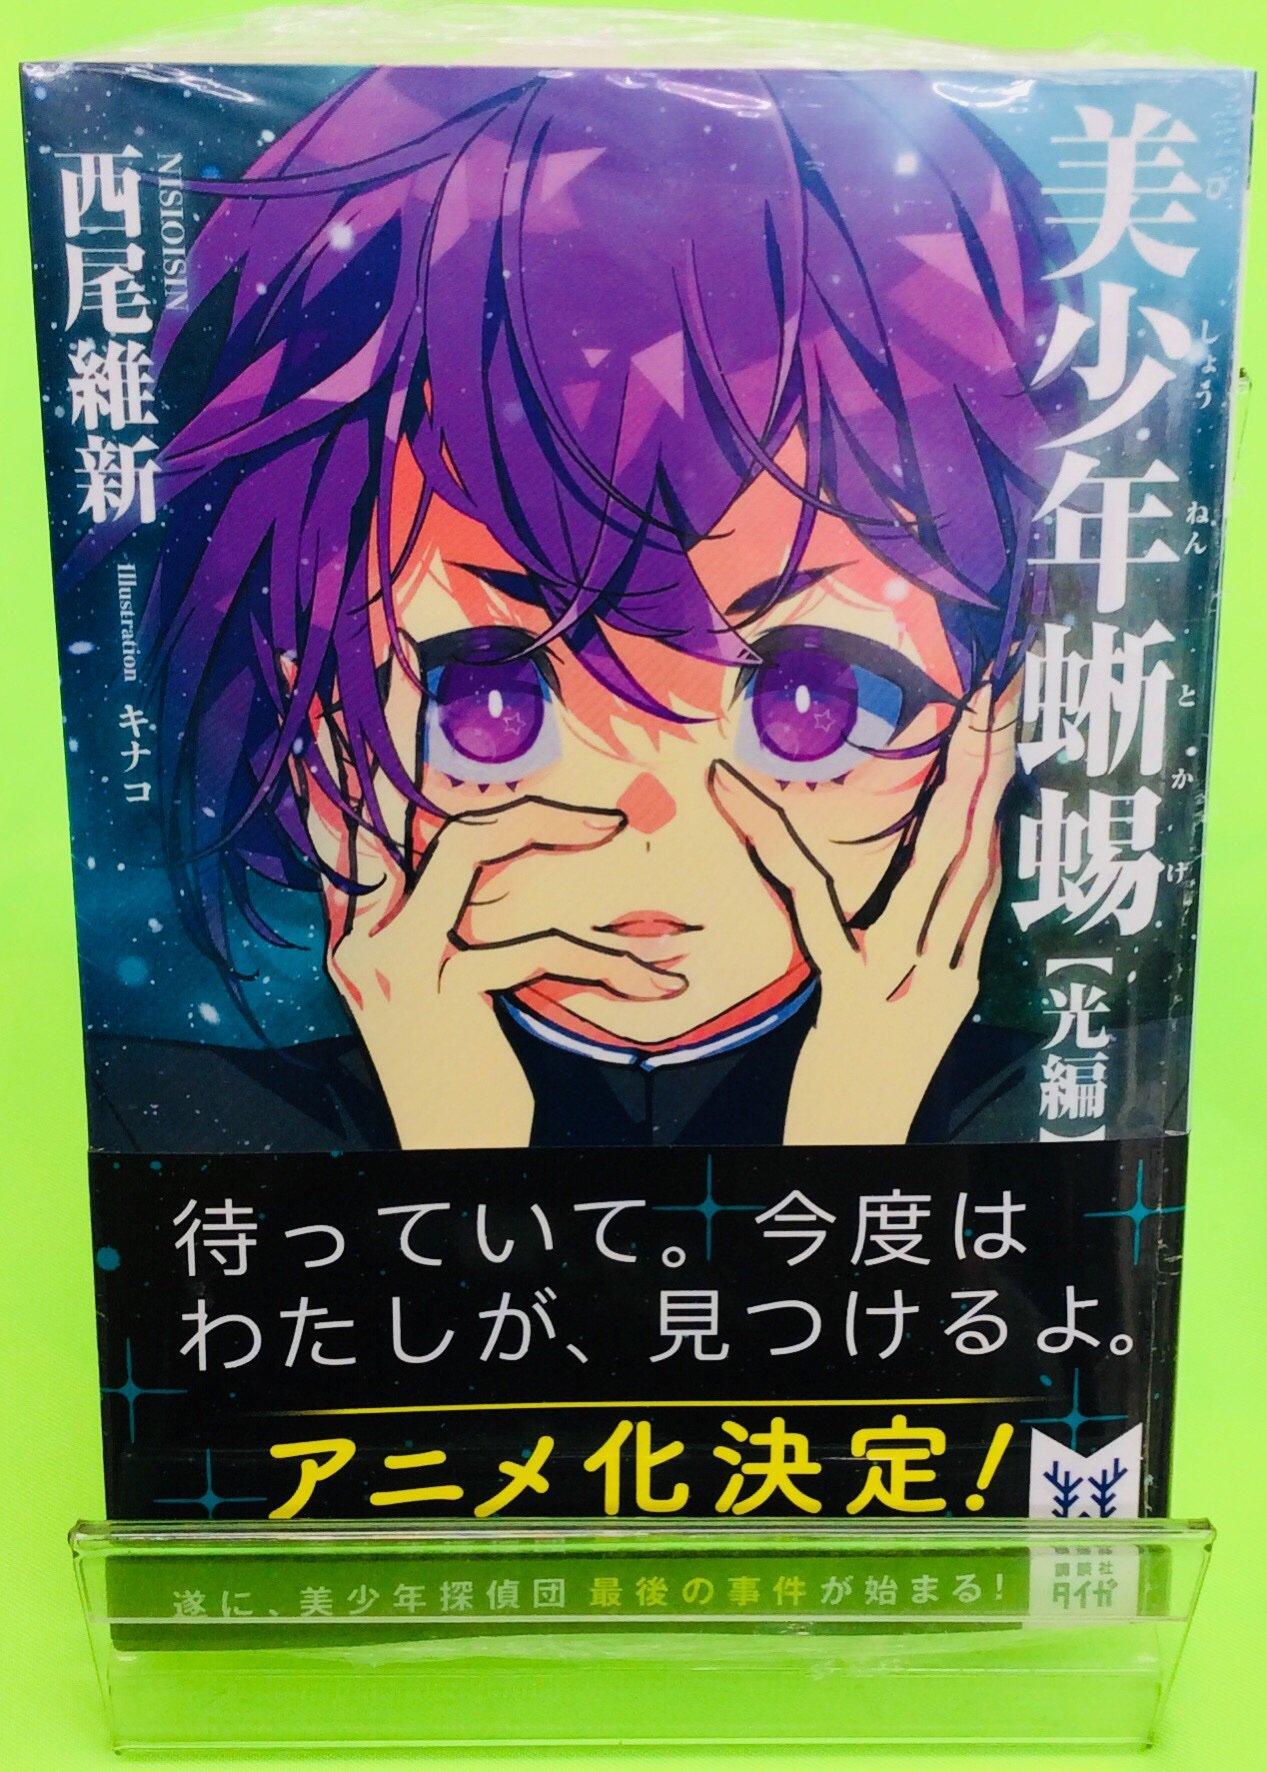 美少年蜥蜴【光编】 美少年侦探团 西尾维新 动画化